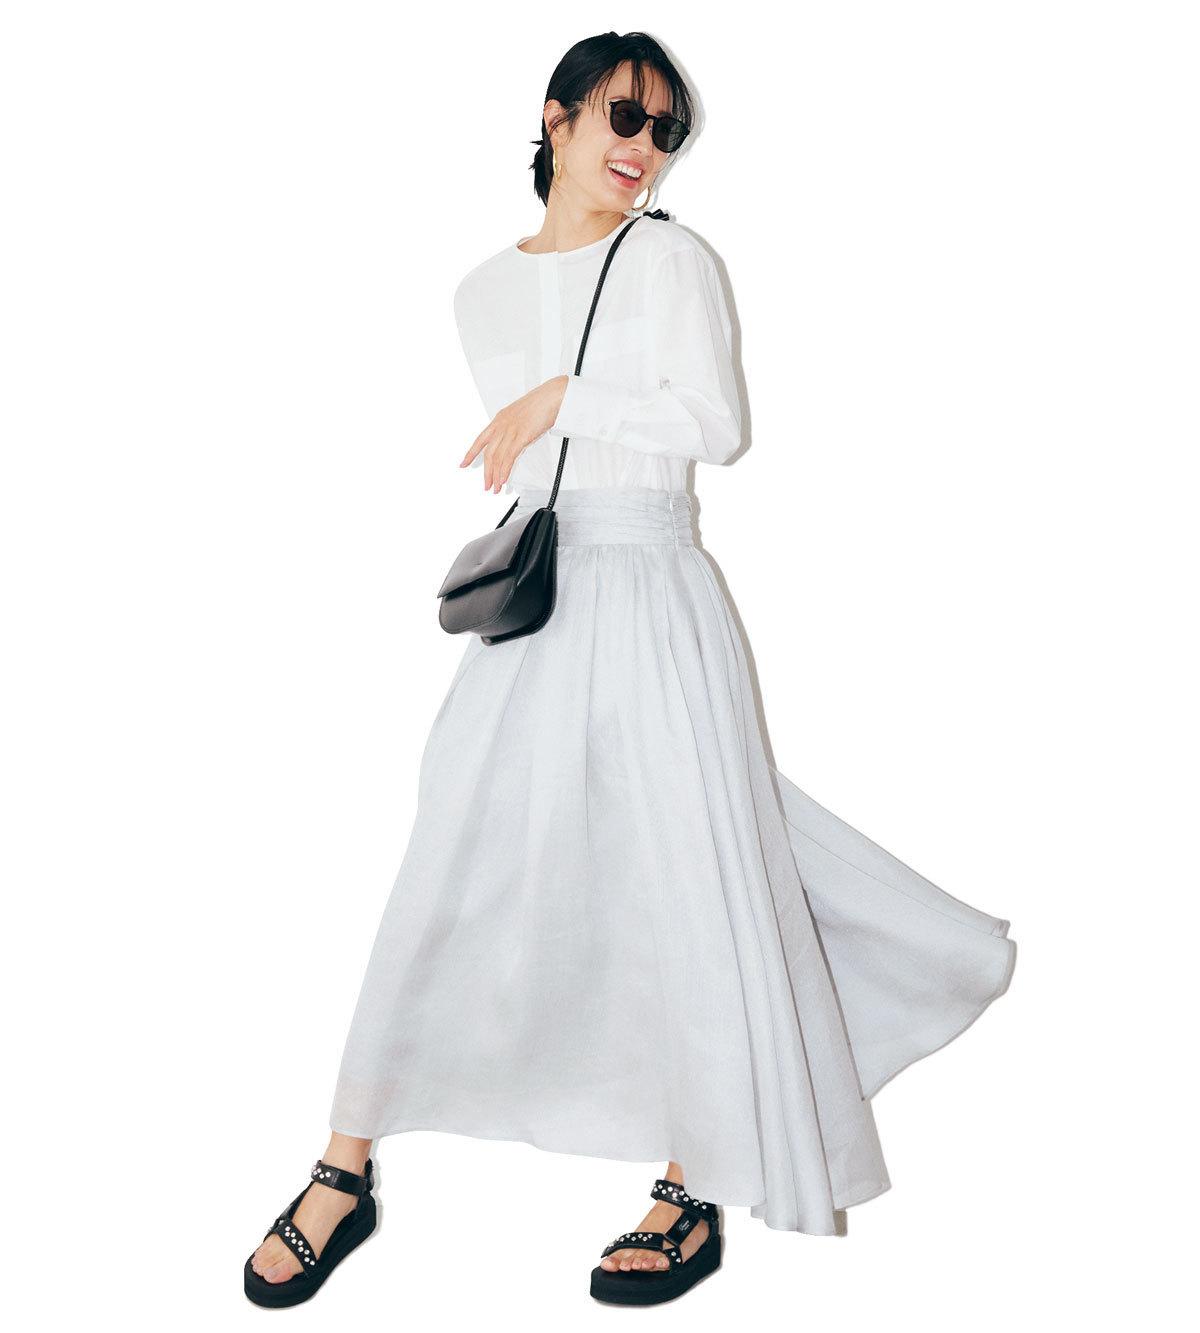 【アラフォーのためのスポサンまとめ】履きやすい! 大人に似合う!夏のカジュアルに必要なのはスポサンだった 40代ファッション_1_2